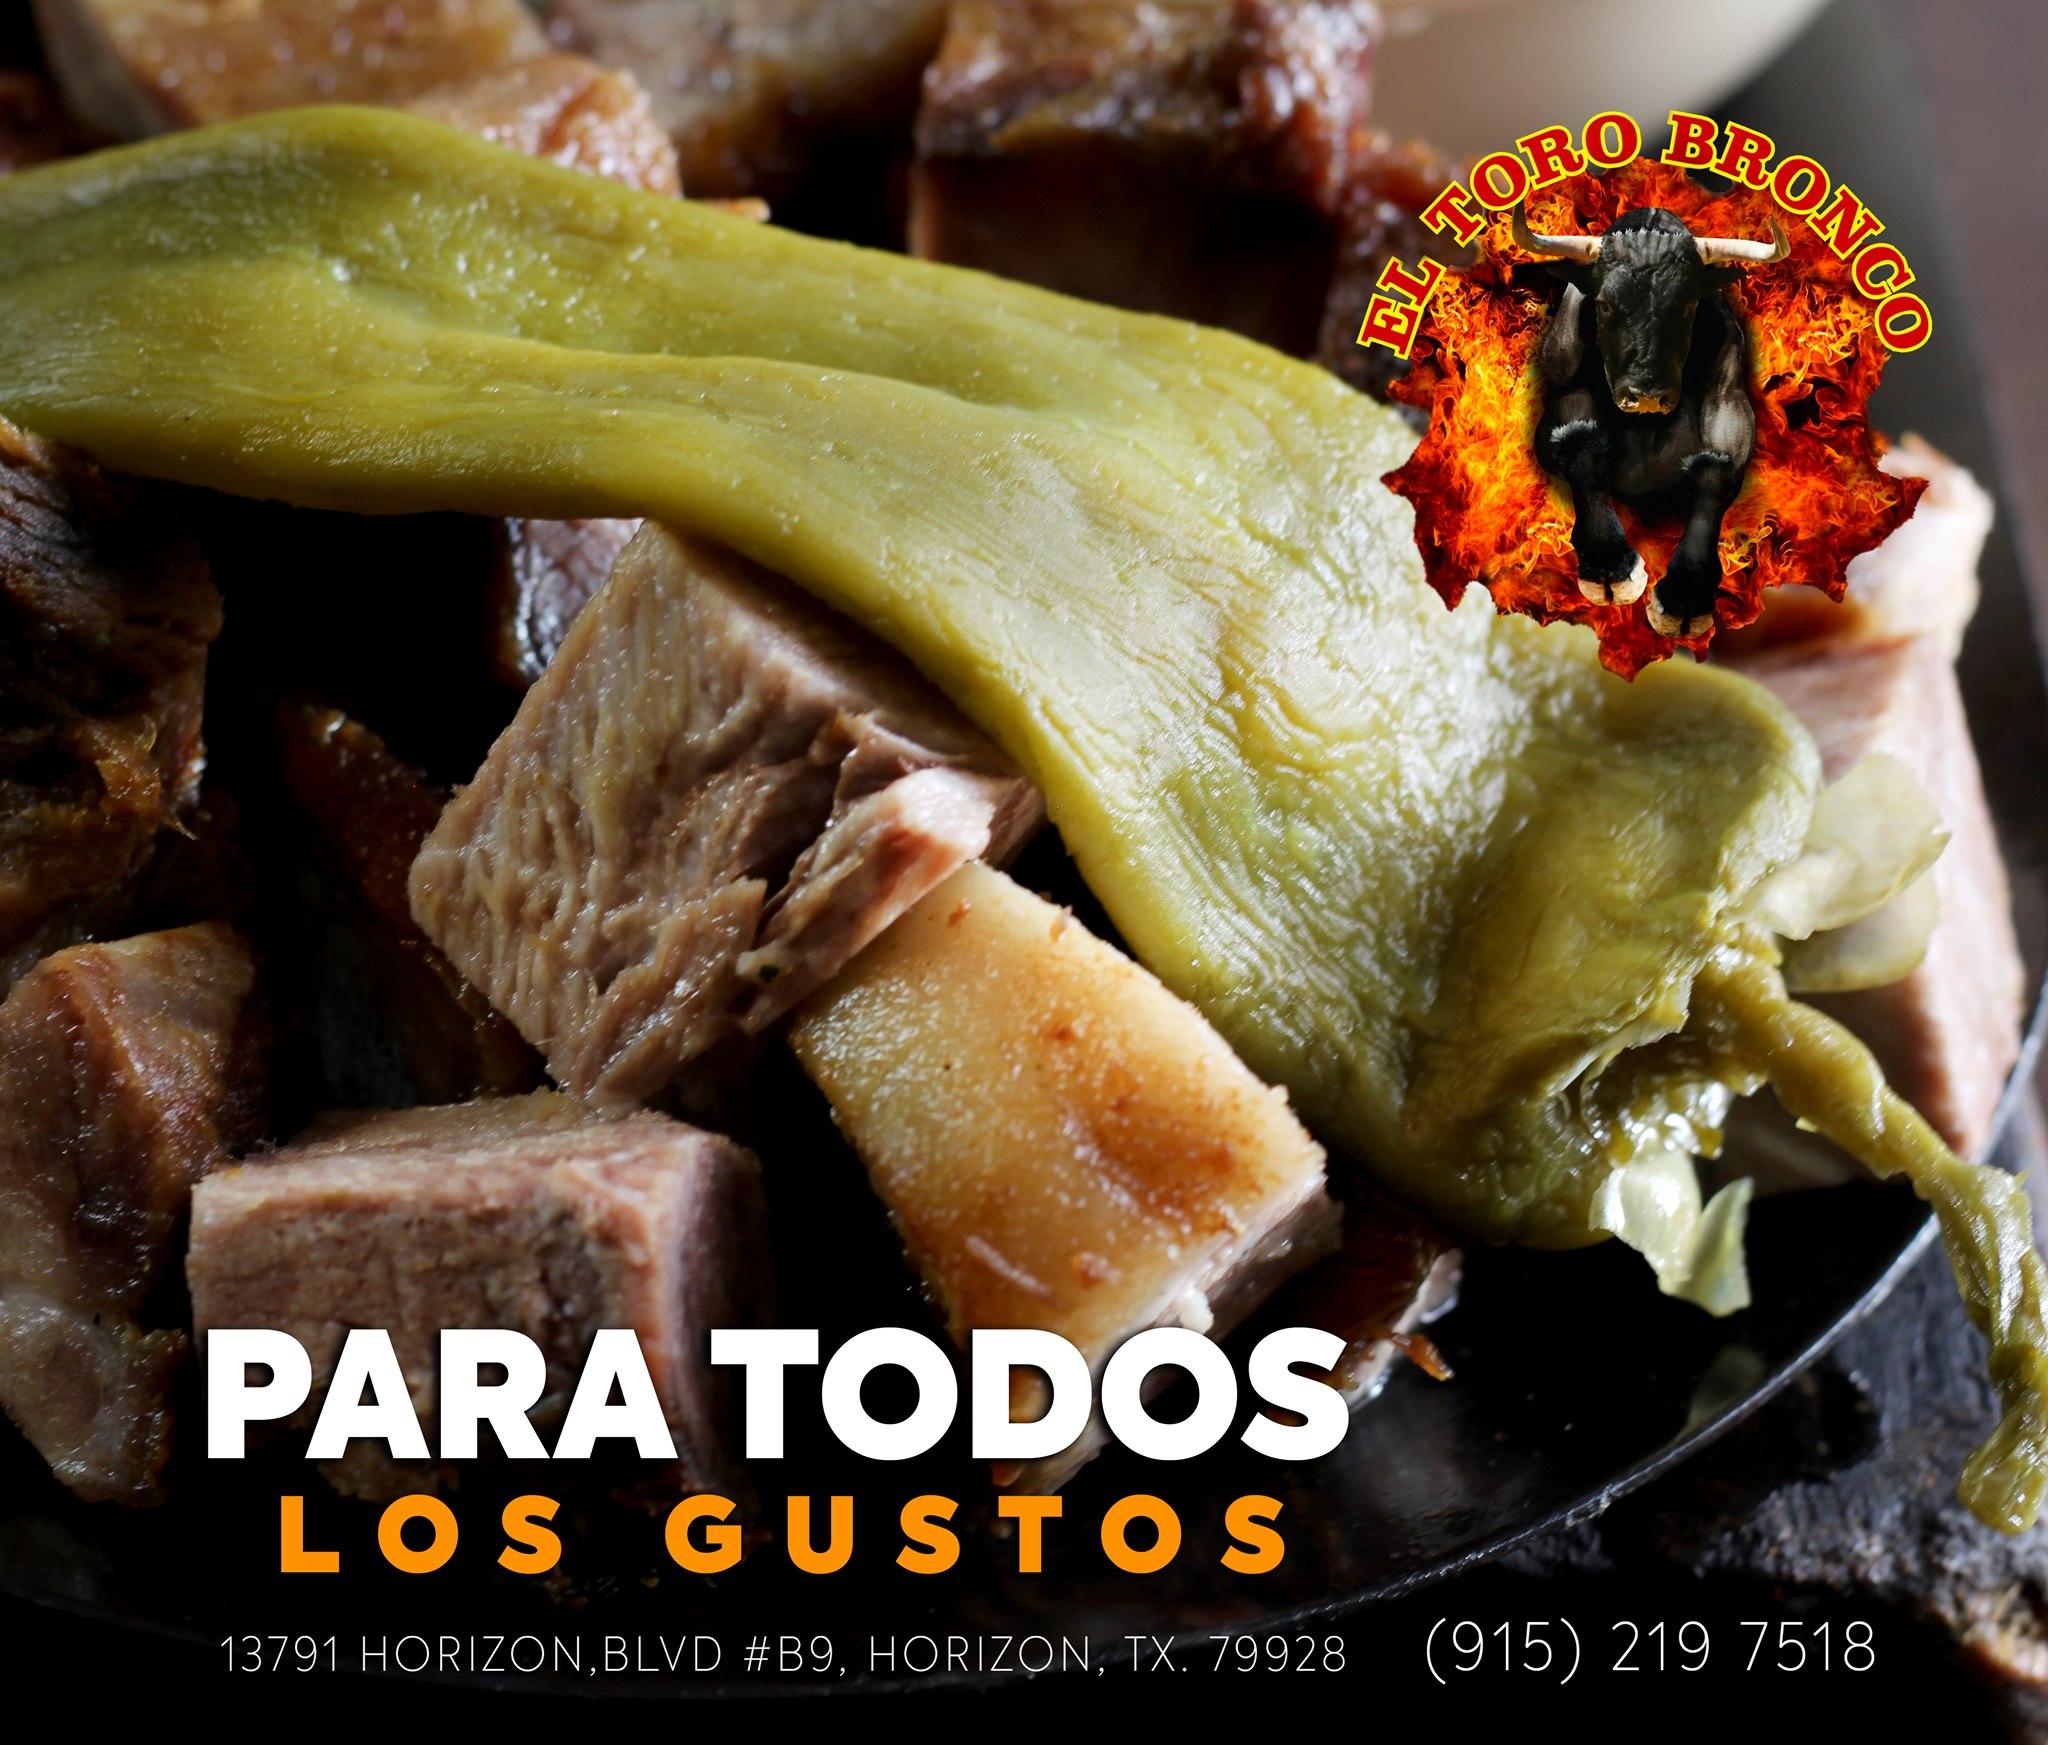 El Toro Bronco 3825 N Piedras St #3921, El Paso